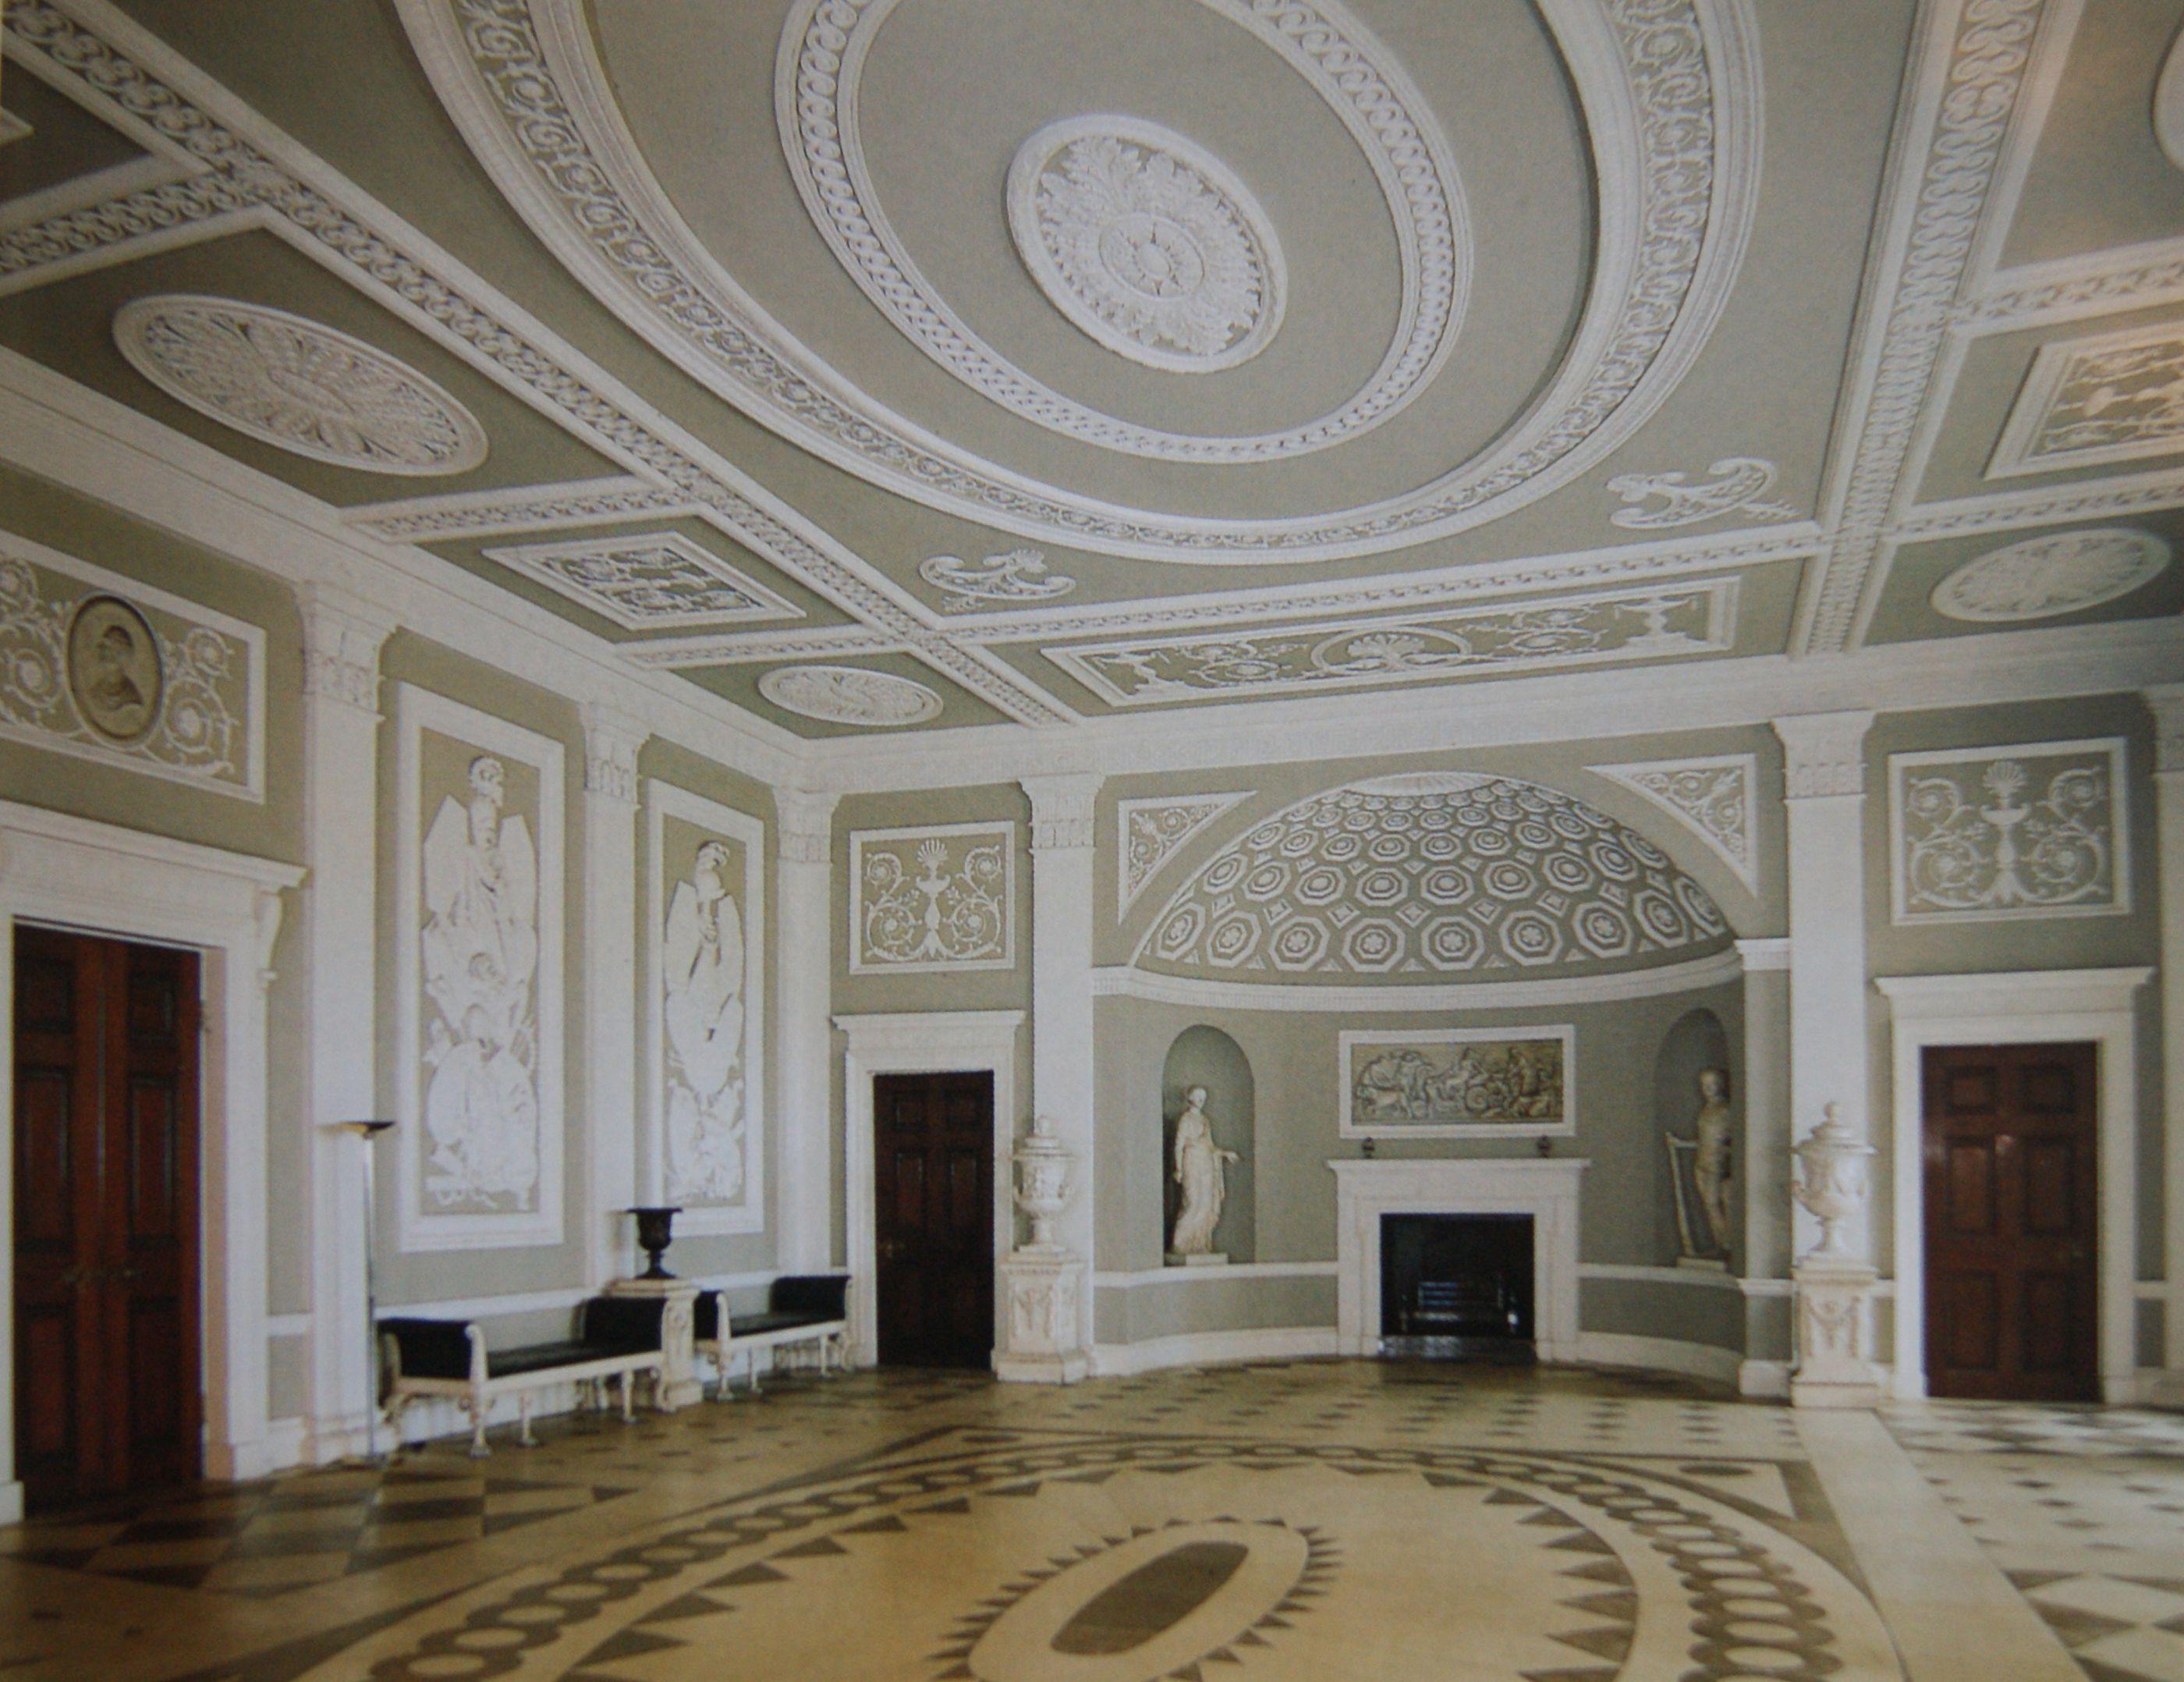 neoclassicism architecture interior - Google Search | TN High ...